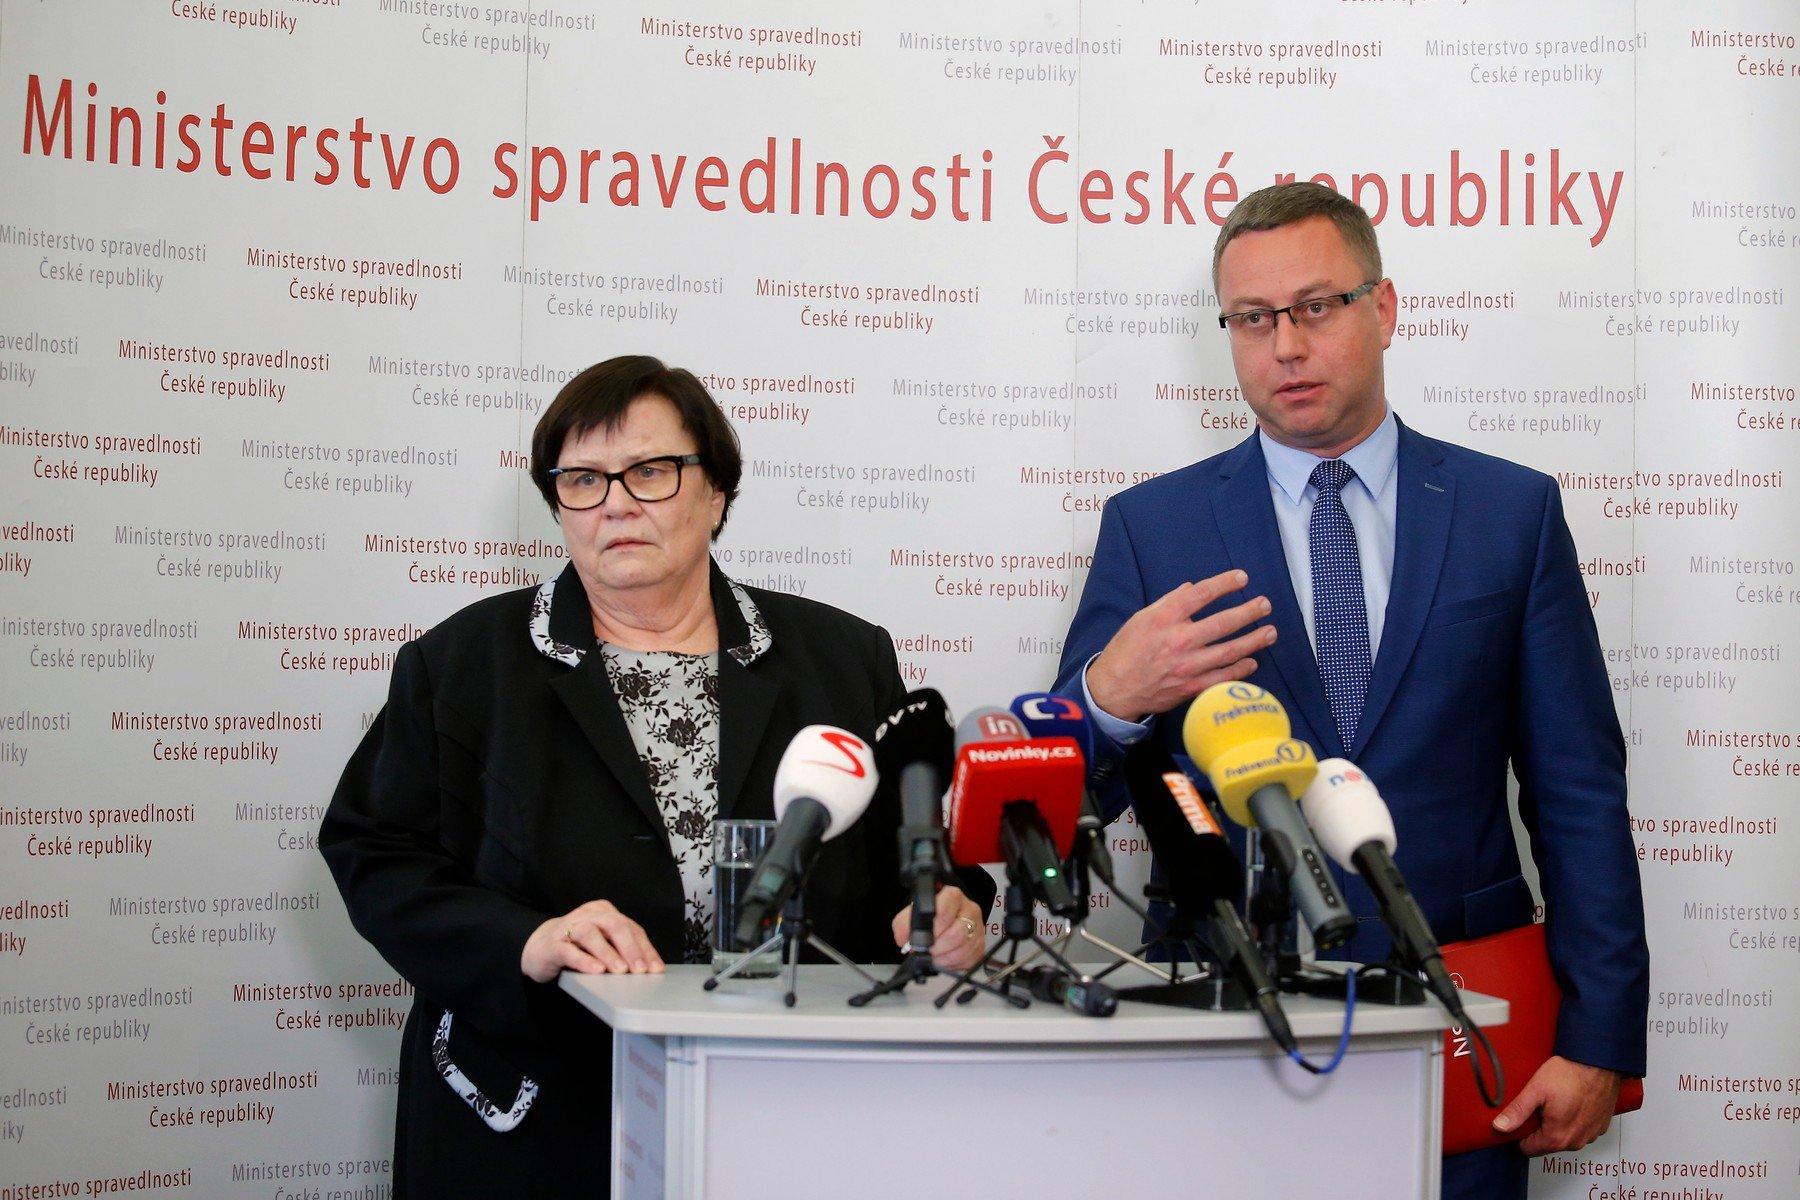 Ministryně spravedlnosti Marie Benešová a nejvyšší státní zástupce Pavel Zeman